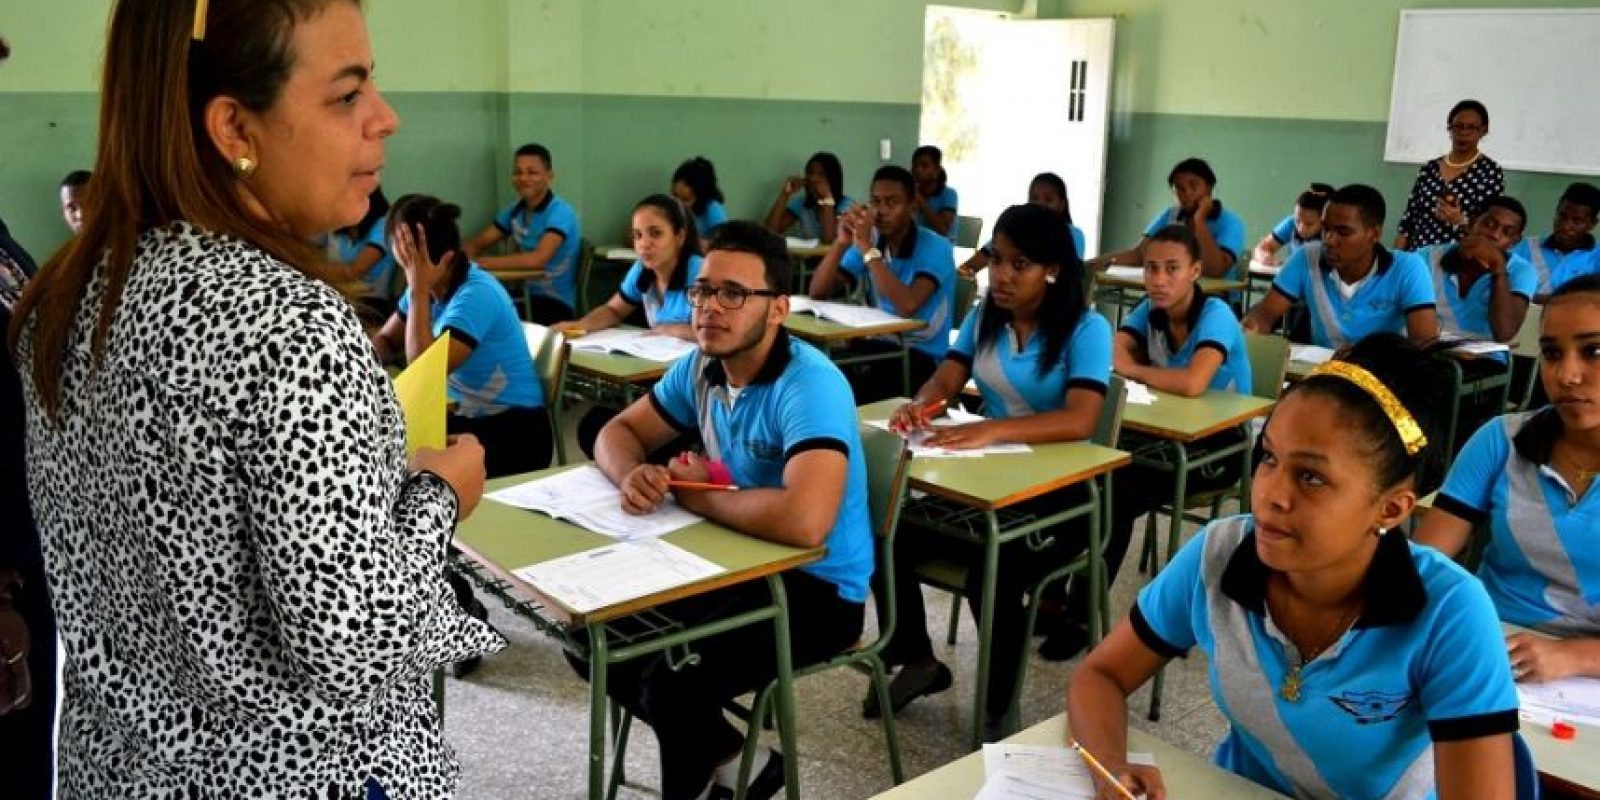 Estudiantes de octavo de primaria, cuarto de bachillerato y la educación especial de adultos reciben la prueba. Foto:MetroRD